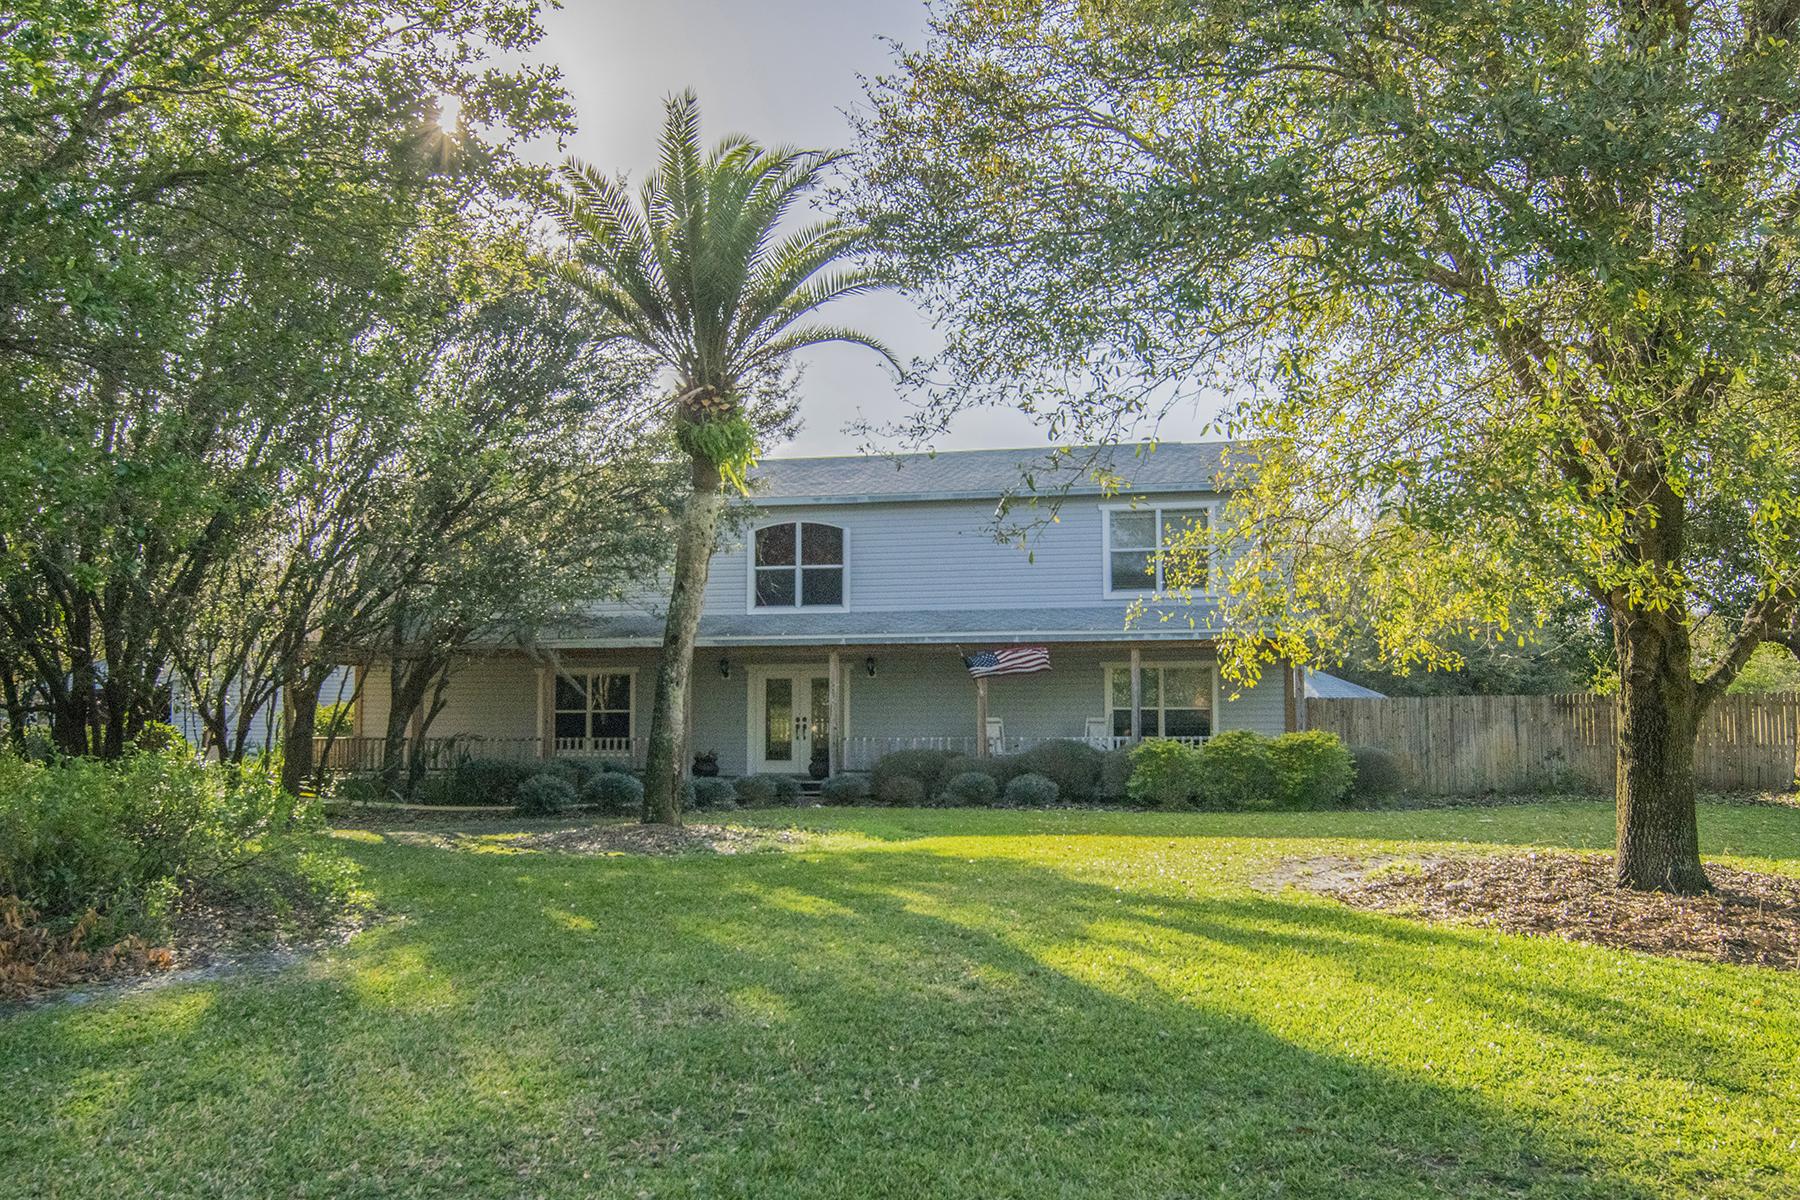 獨棟家庭住宅 為 出售 在 NEW PORT RICHEY 8633 Airway Blvd New Port Richey, 佛羅里達州, 34654 美國